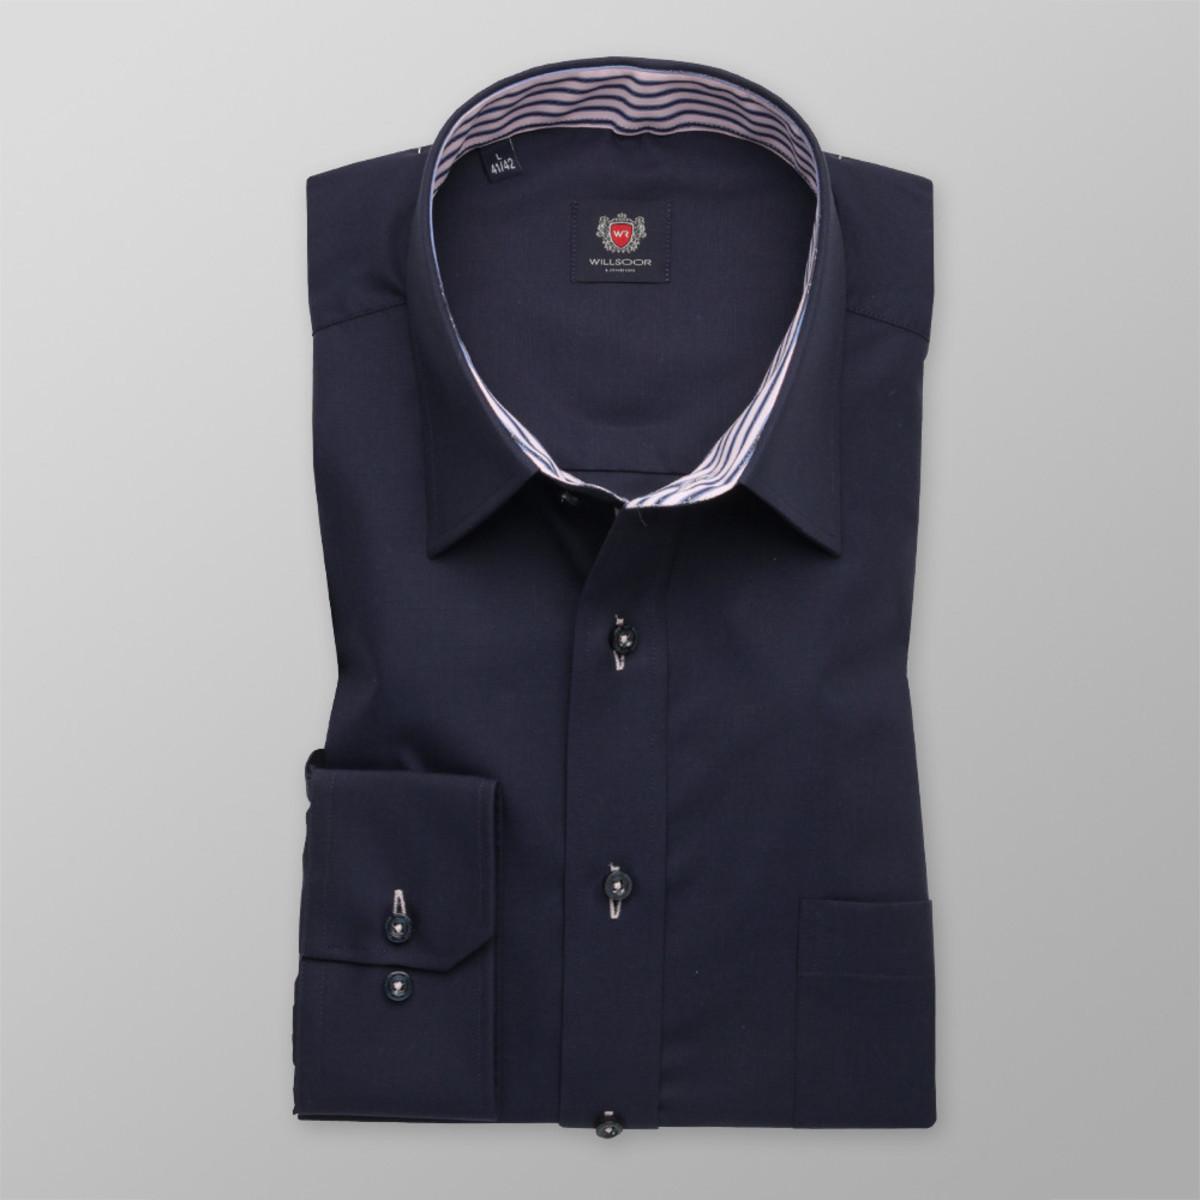 Pánska klasická košeľa London (výška 176-182 a 188-194) 8845 176-182 / XXL (45/46)